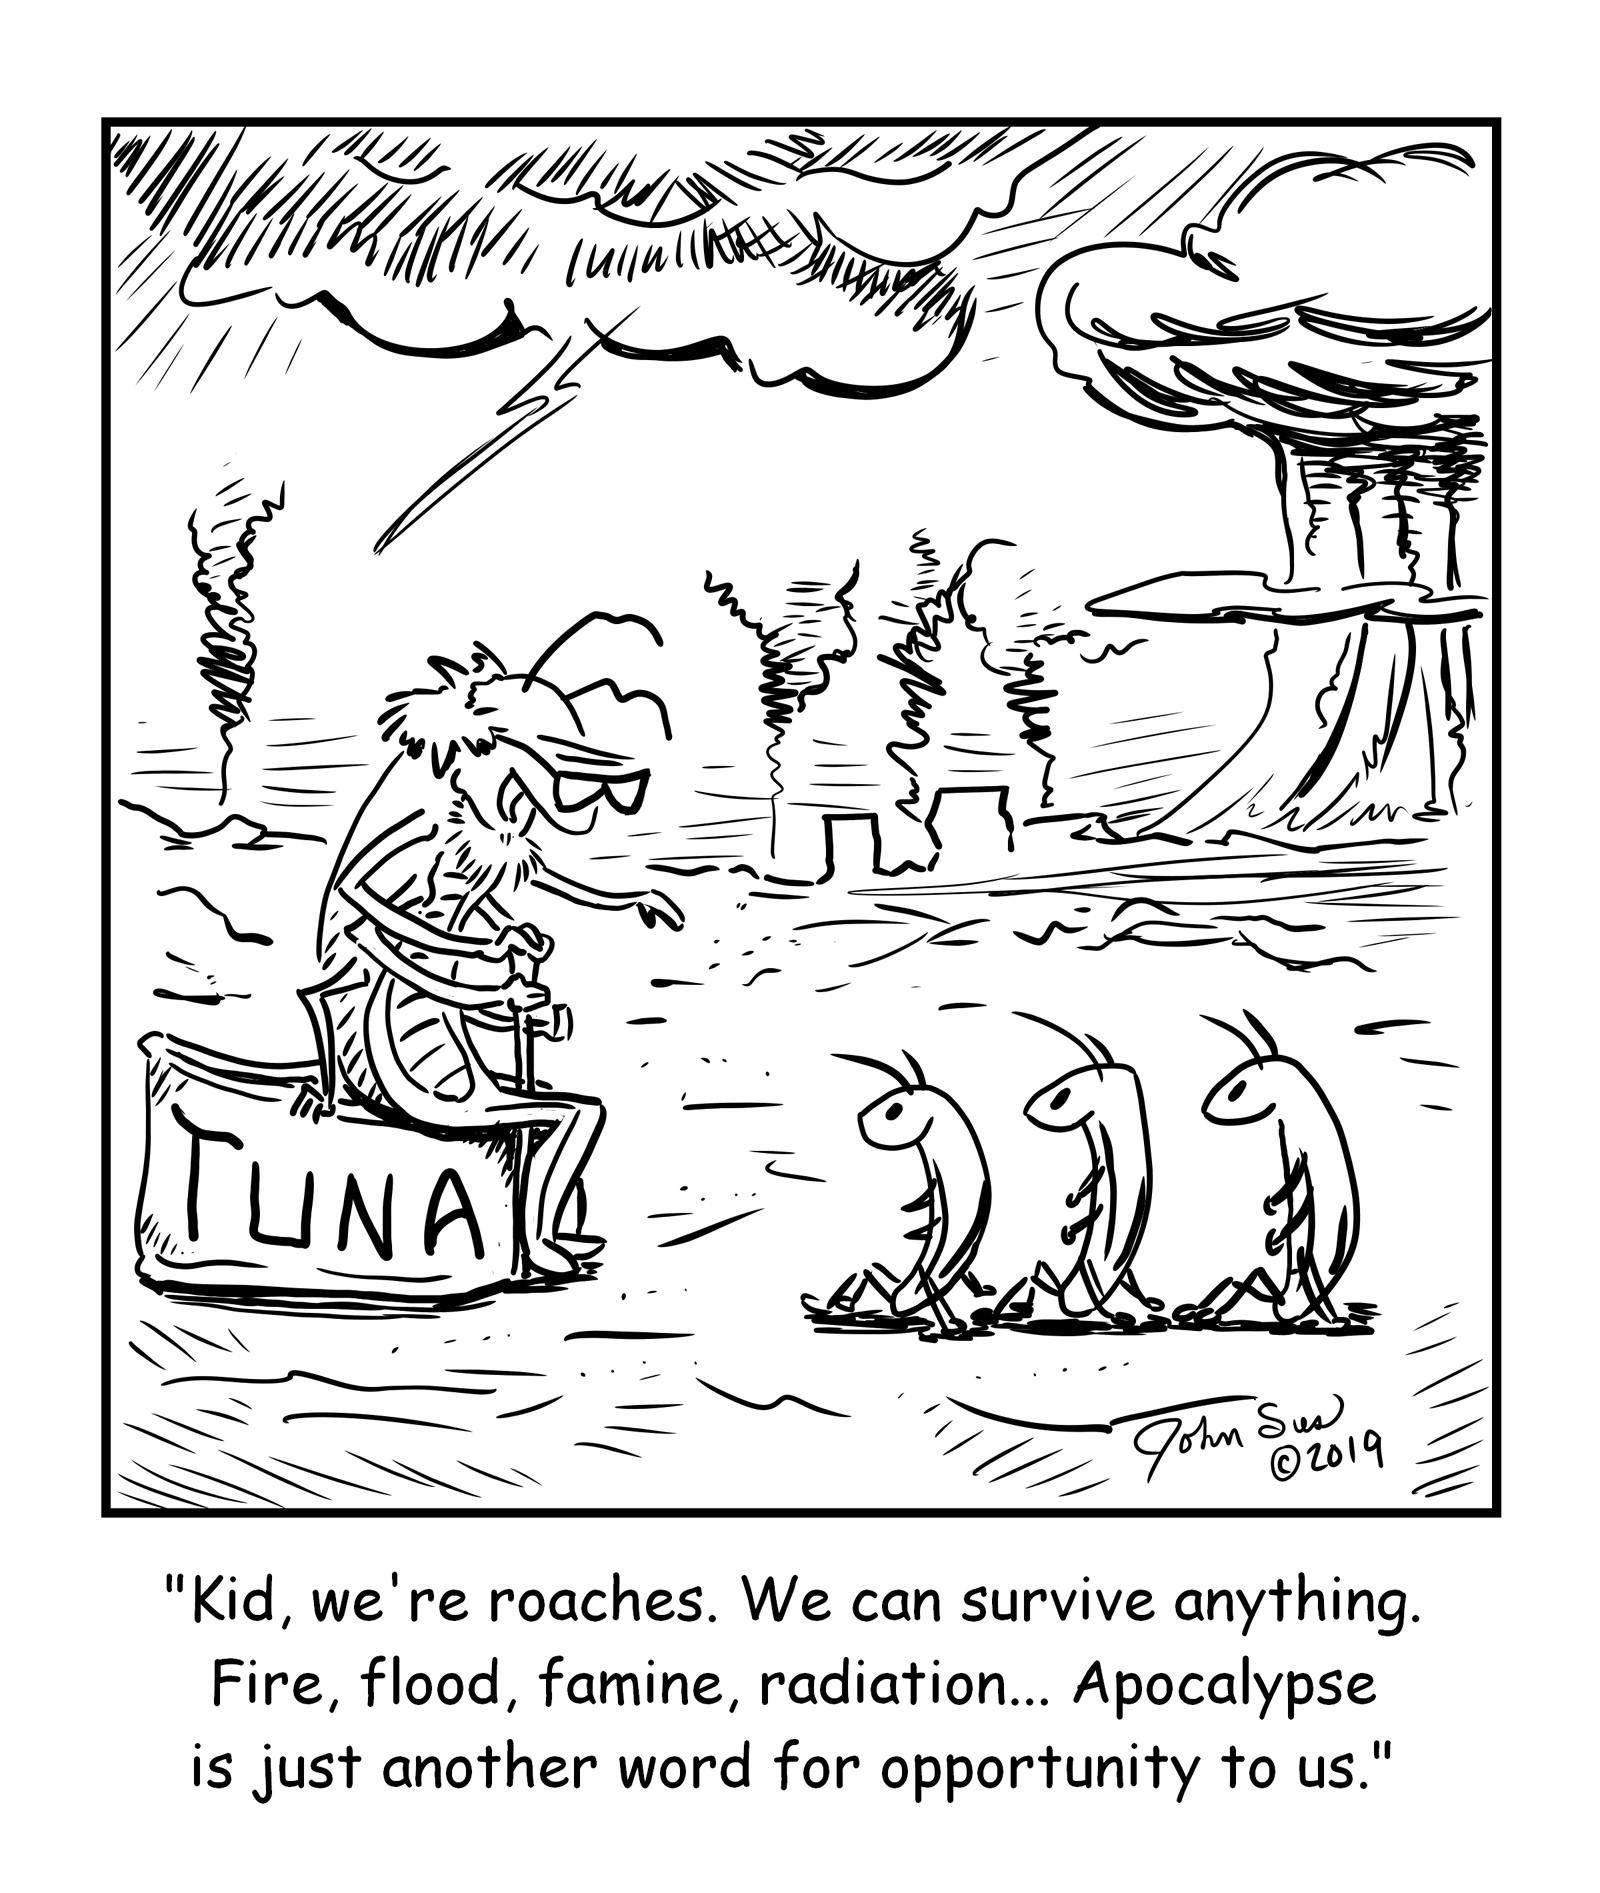 Survivability